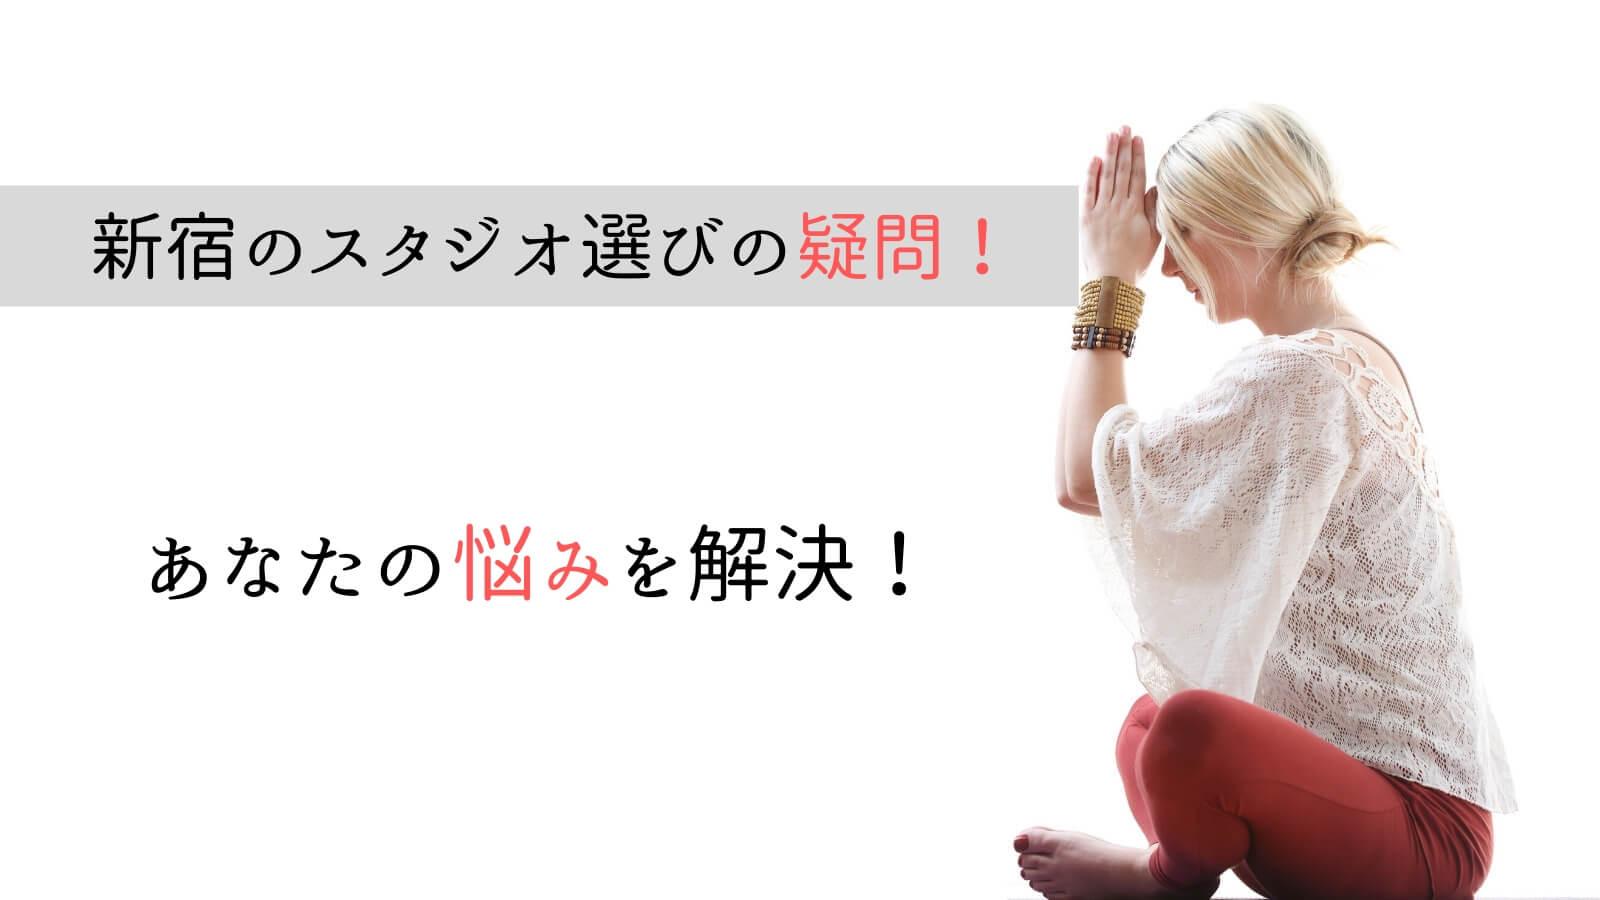 新宿でのマタニティヨガスタジオ選びに関するQ&A